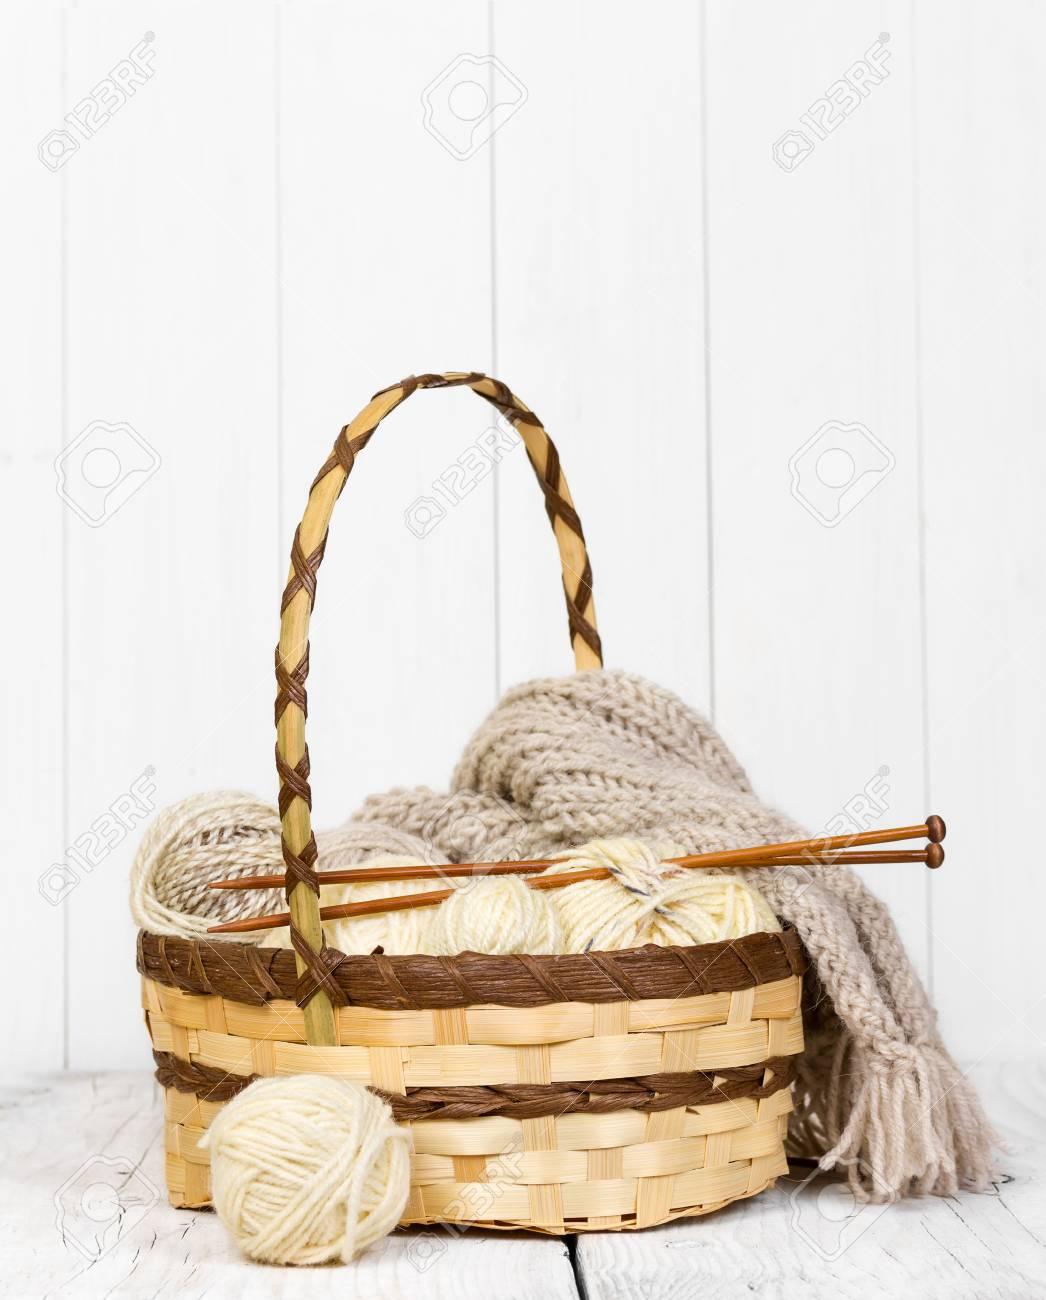 madejas con hilos de lana para hacer punto en una cesta de mimbre en un fondo - Como Hacer Cestos De Mimbre